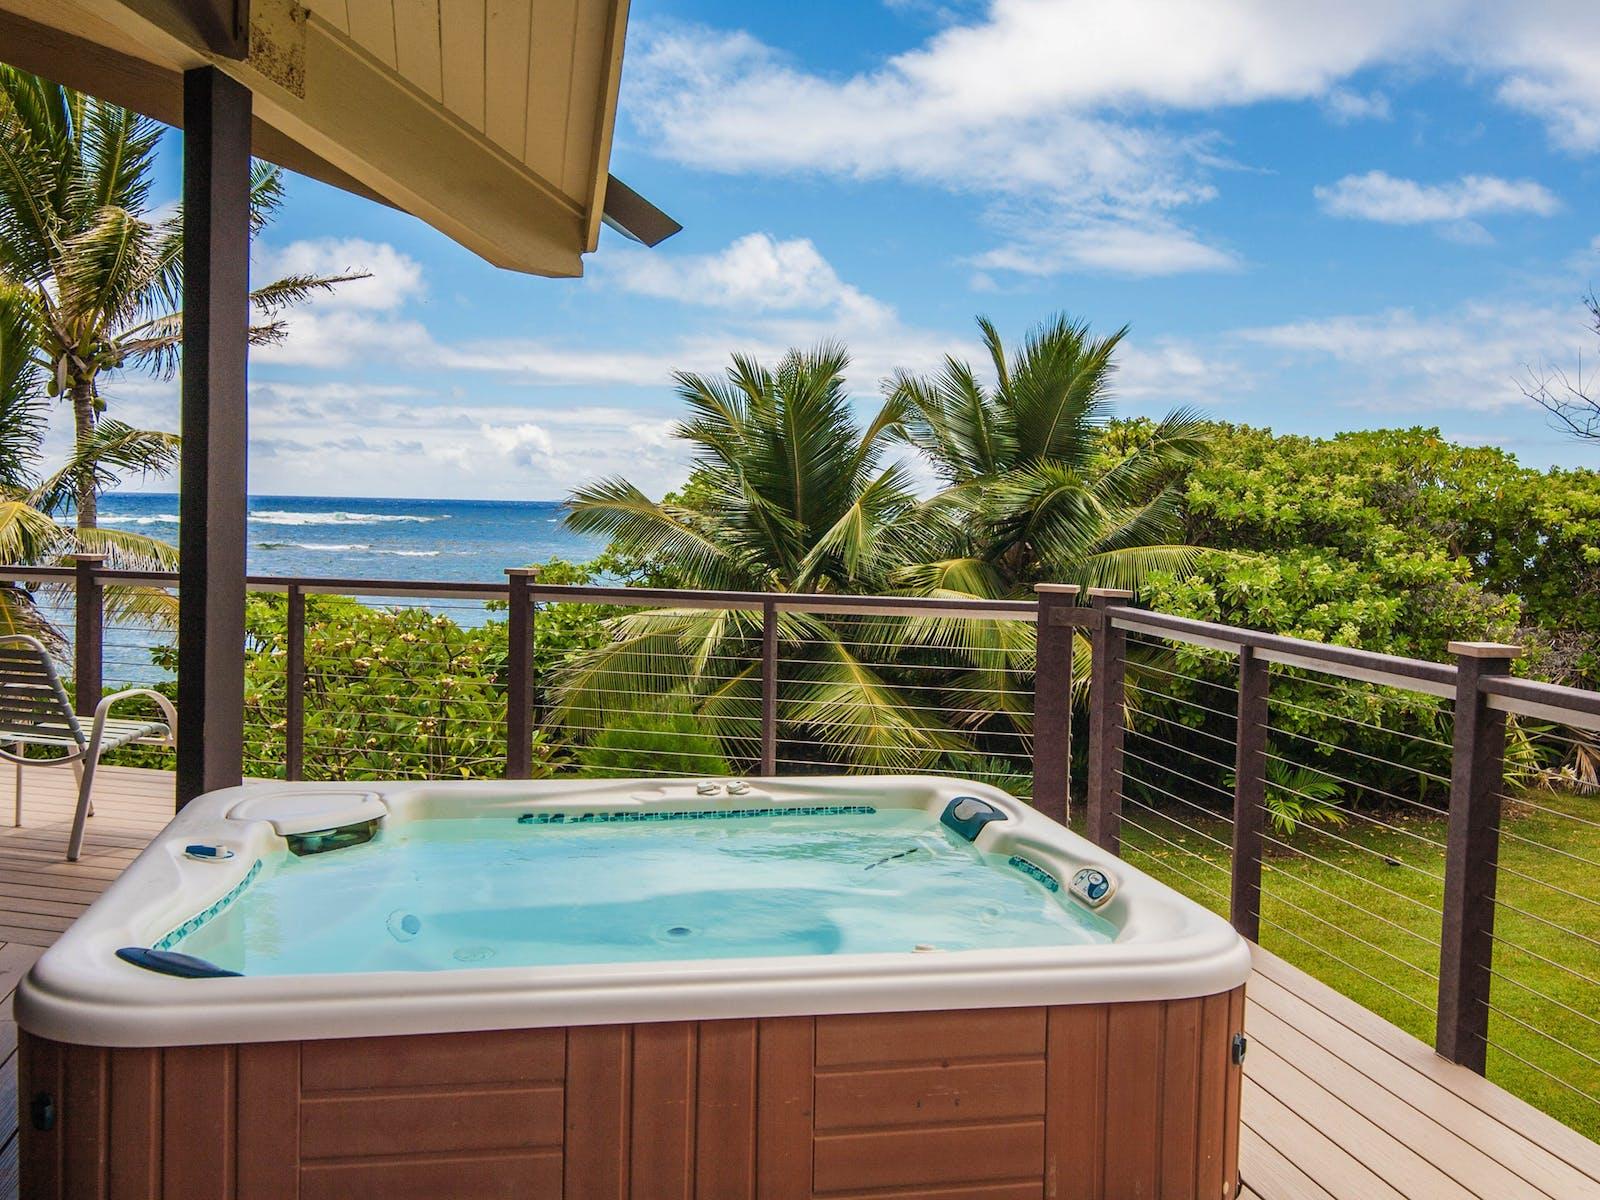 Private hot tub with beach and ocean views from Kauai, HI beach home